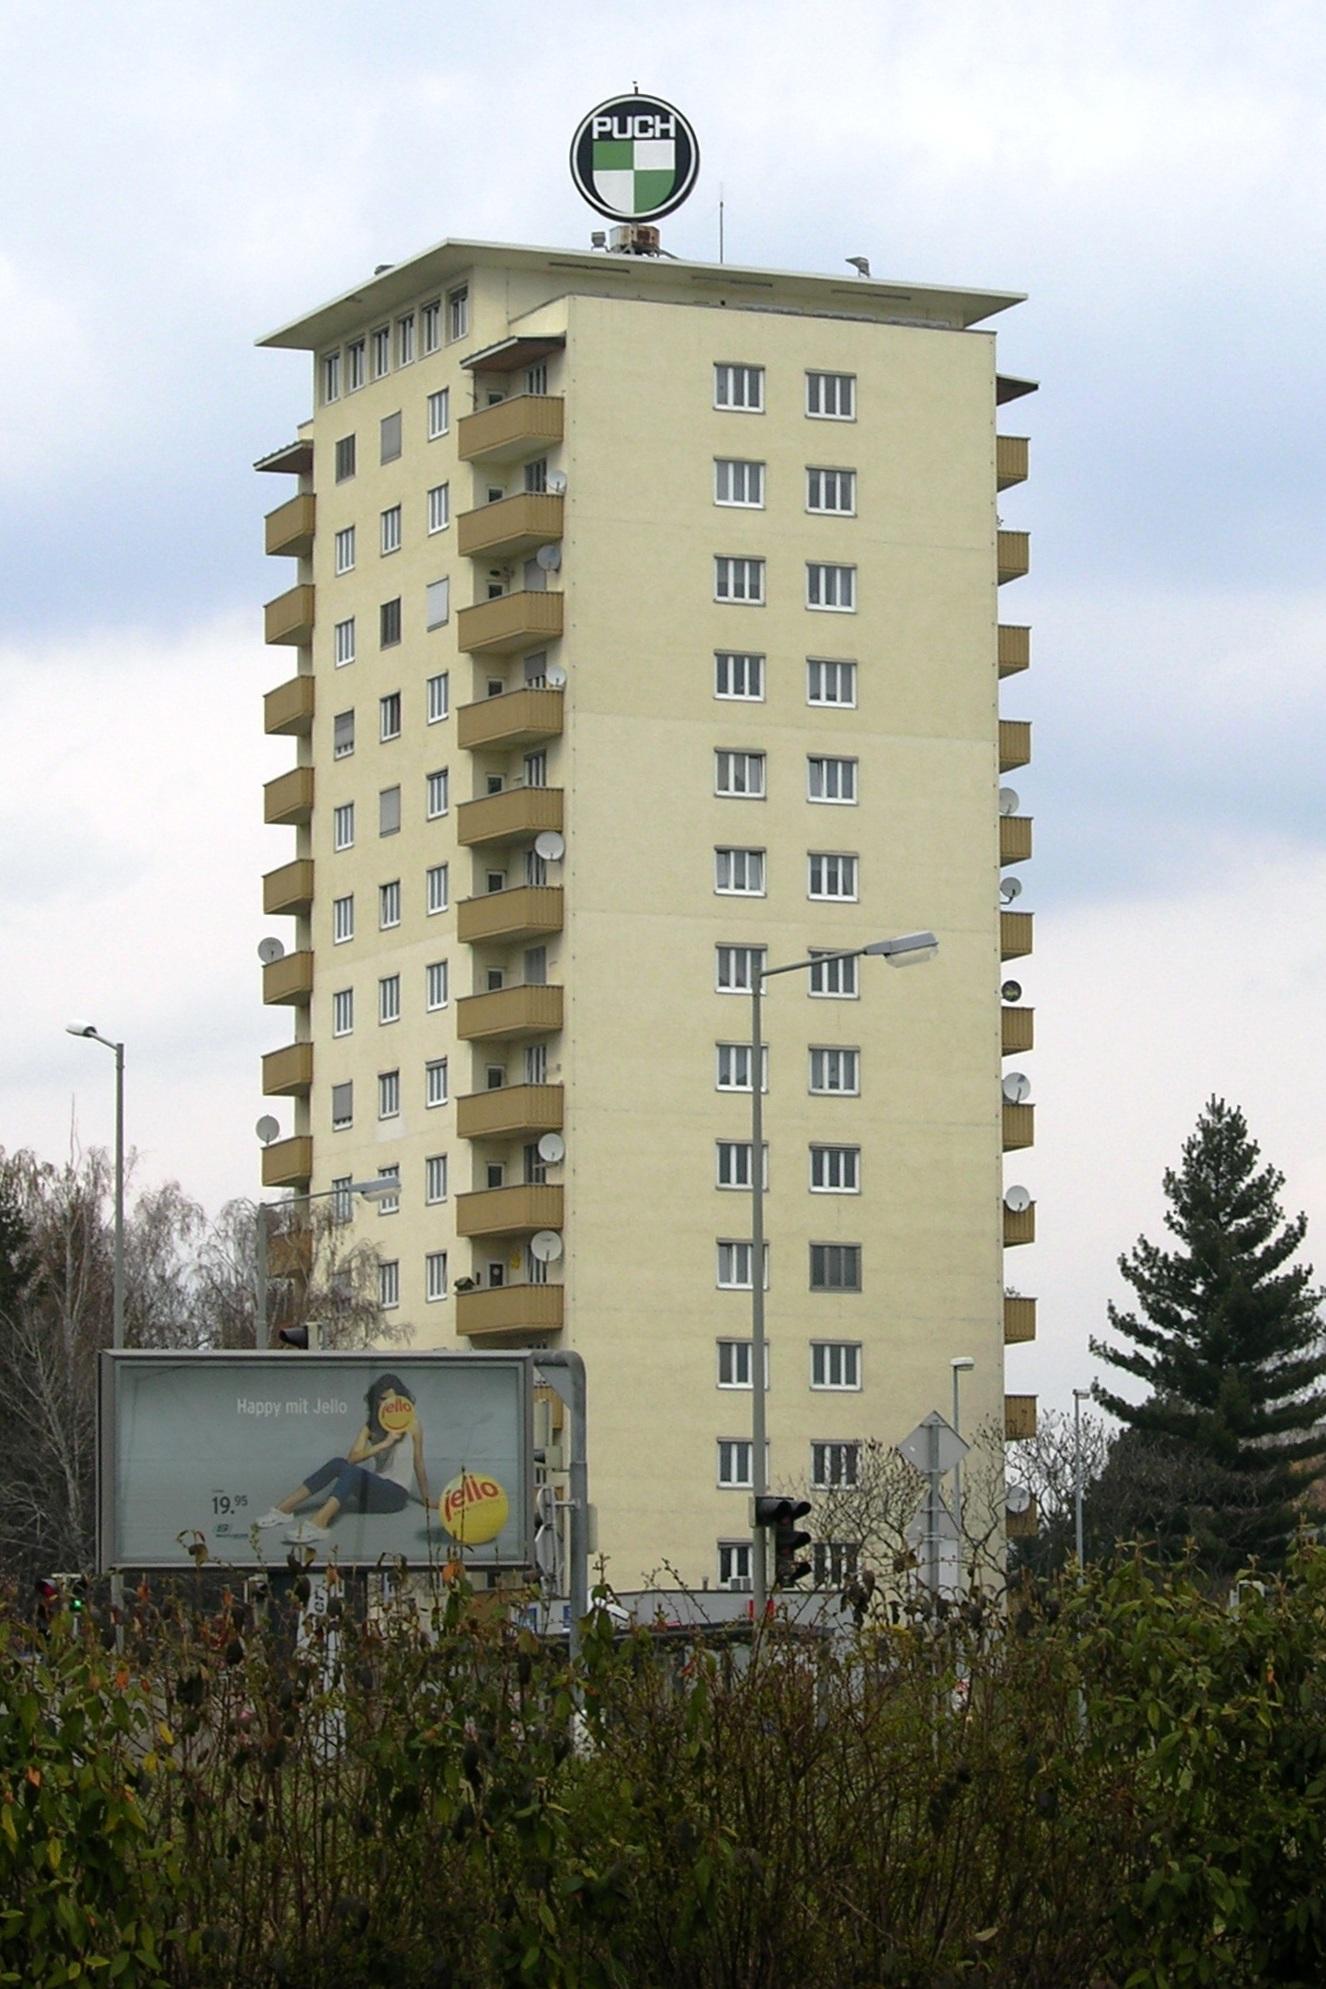 Das Puch-Hochhaus in Thondorf